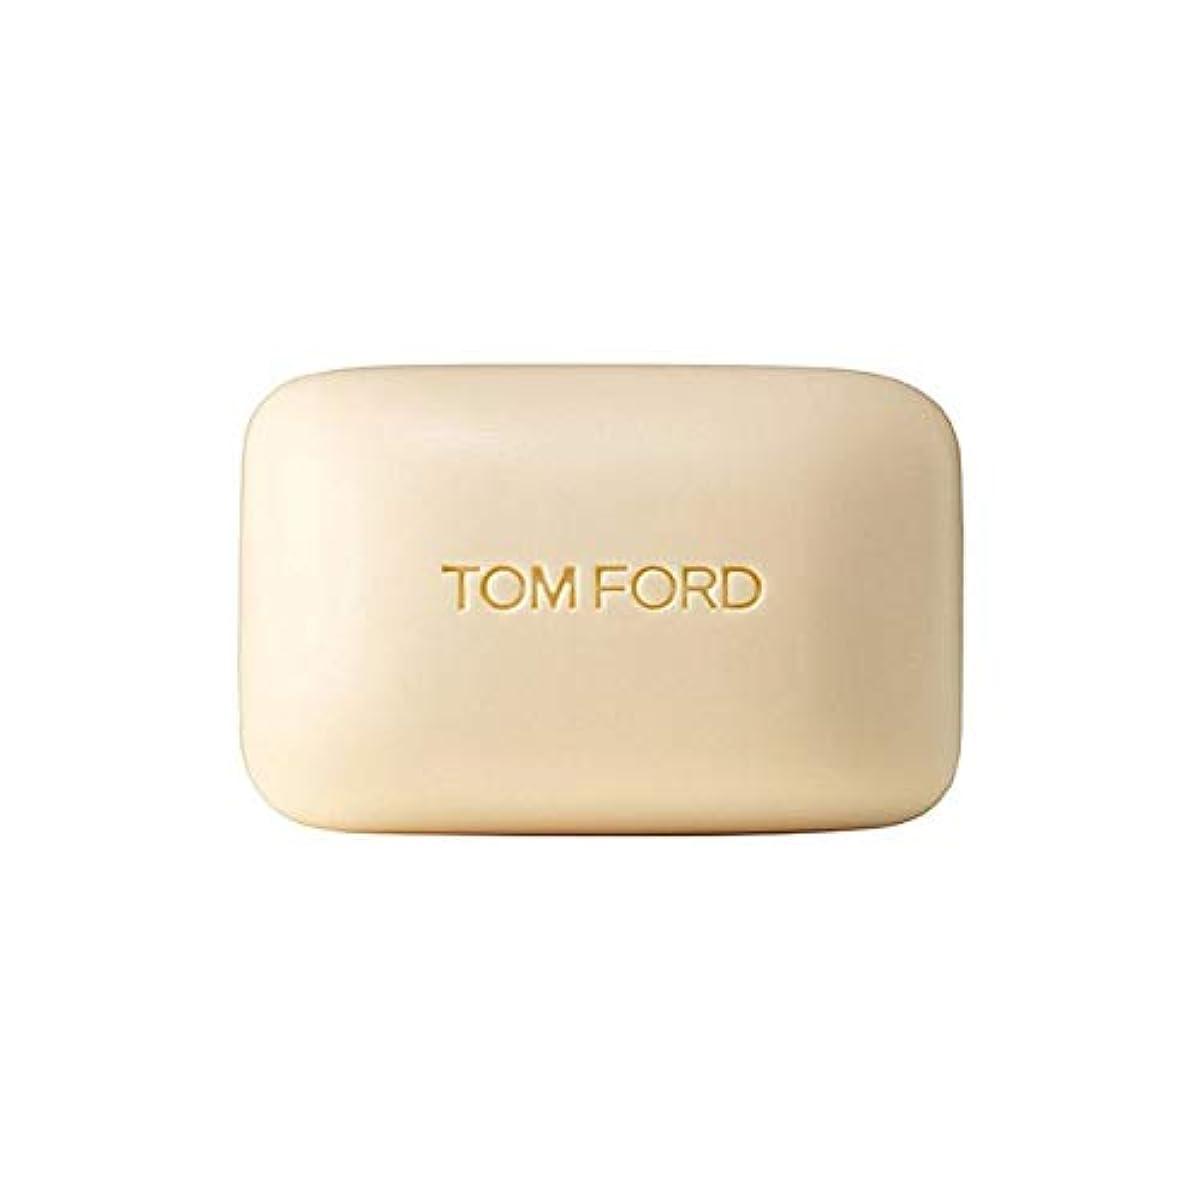 ツイン免除する提案する[Tom Ford] トムフォードジャスミンルージュソープバー150グラム - Tom Ford Jasmin Rouge Soap Bar 150G [並行輸入品]